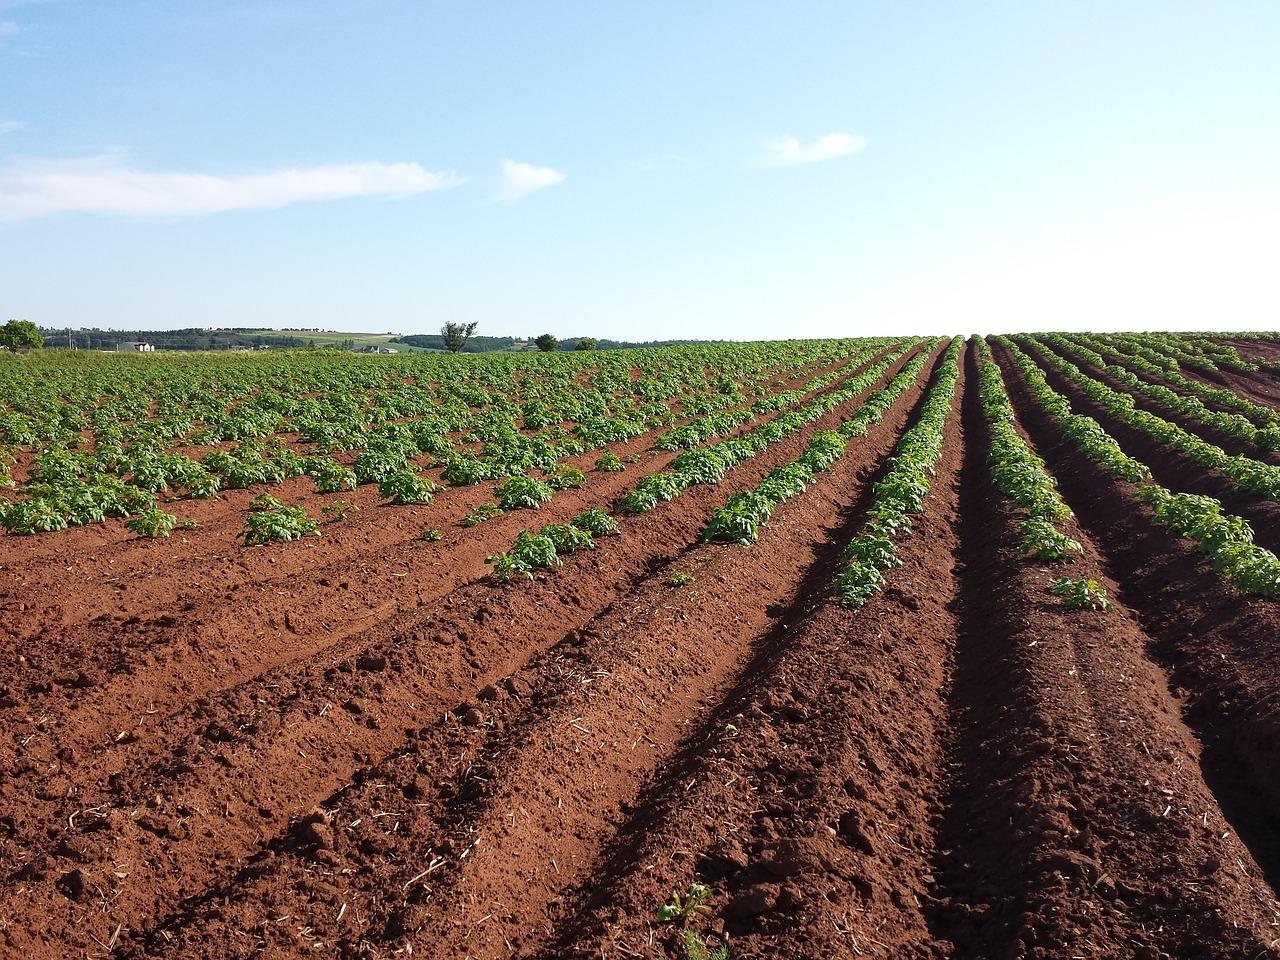 Aprender a lavrar territórios, terrenos, terras livres de opressão, com sementes da inteligência extraídas dos princípios basilares de civilização.